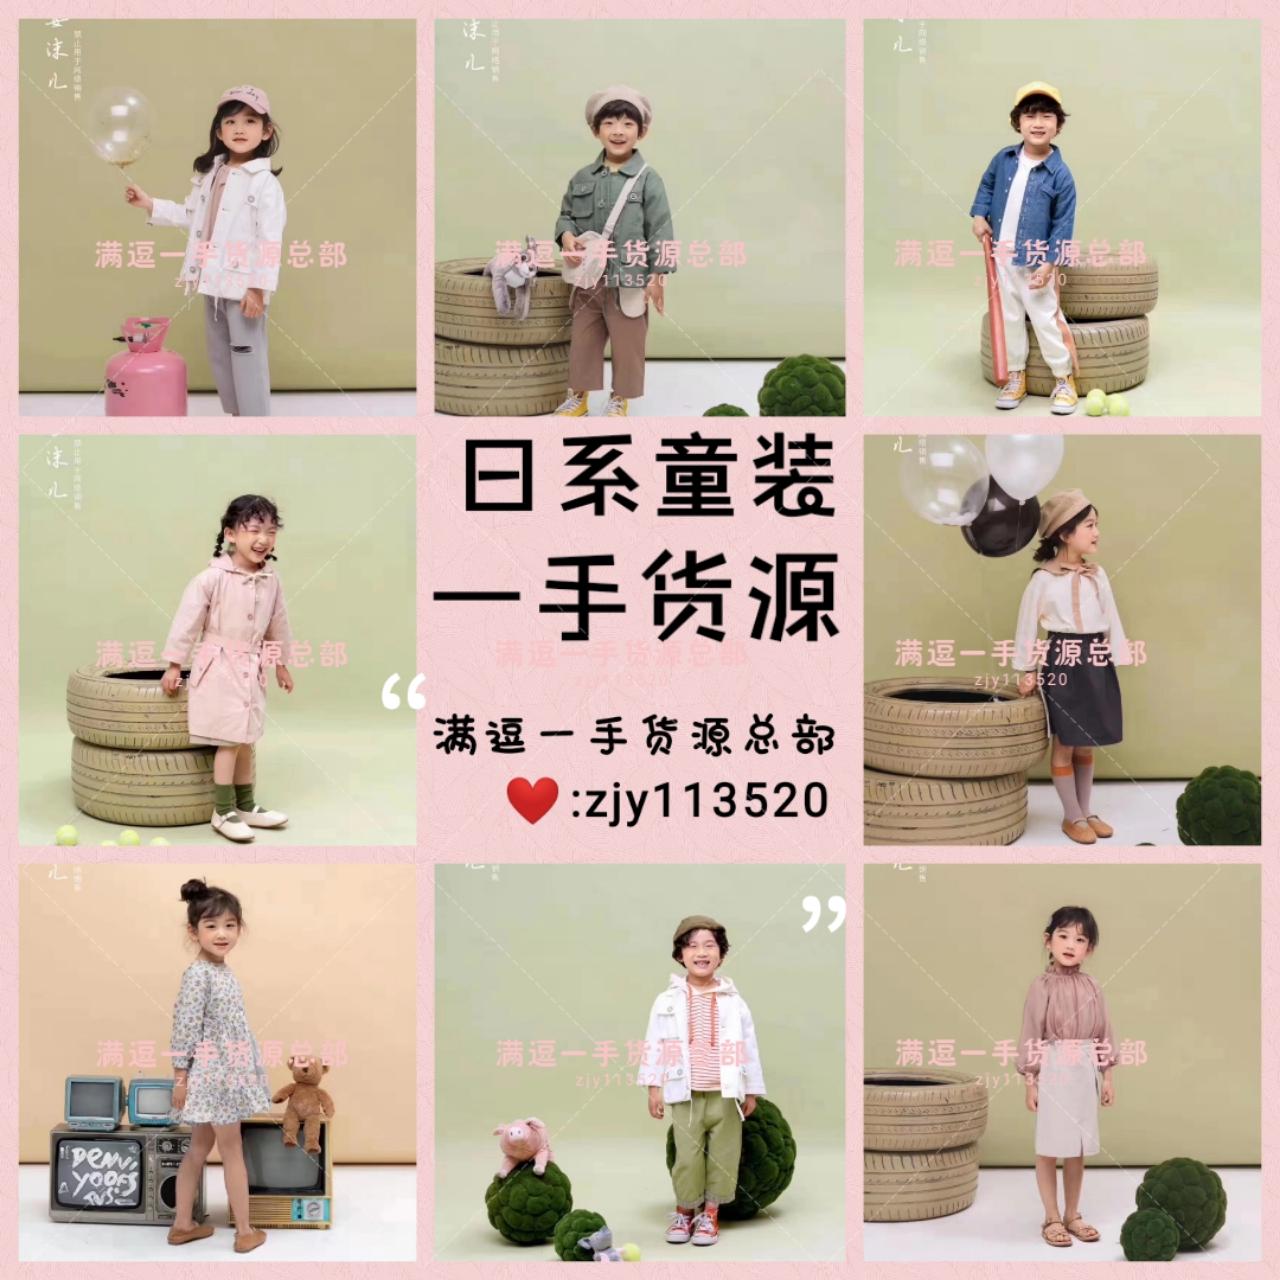 如何找微商童装女装厂家一手货源?一件代发免费代理